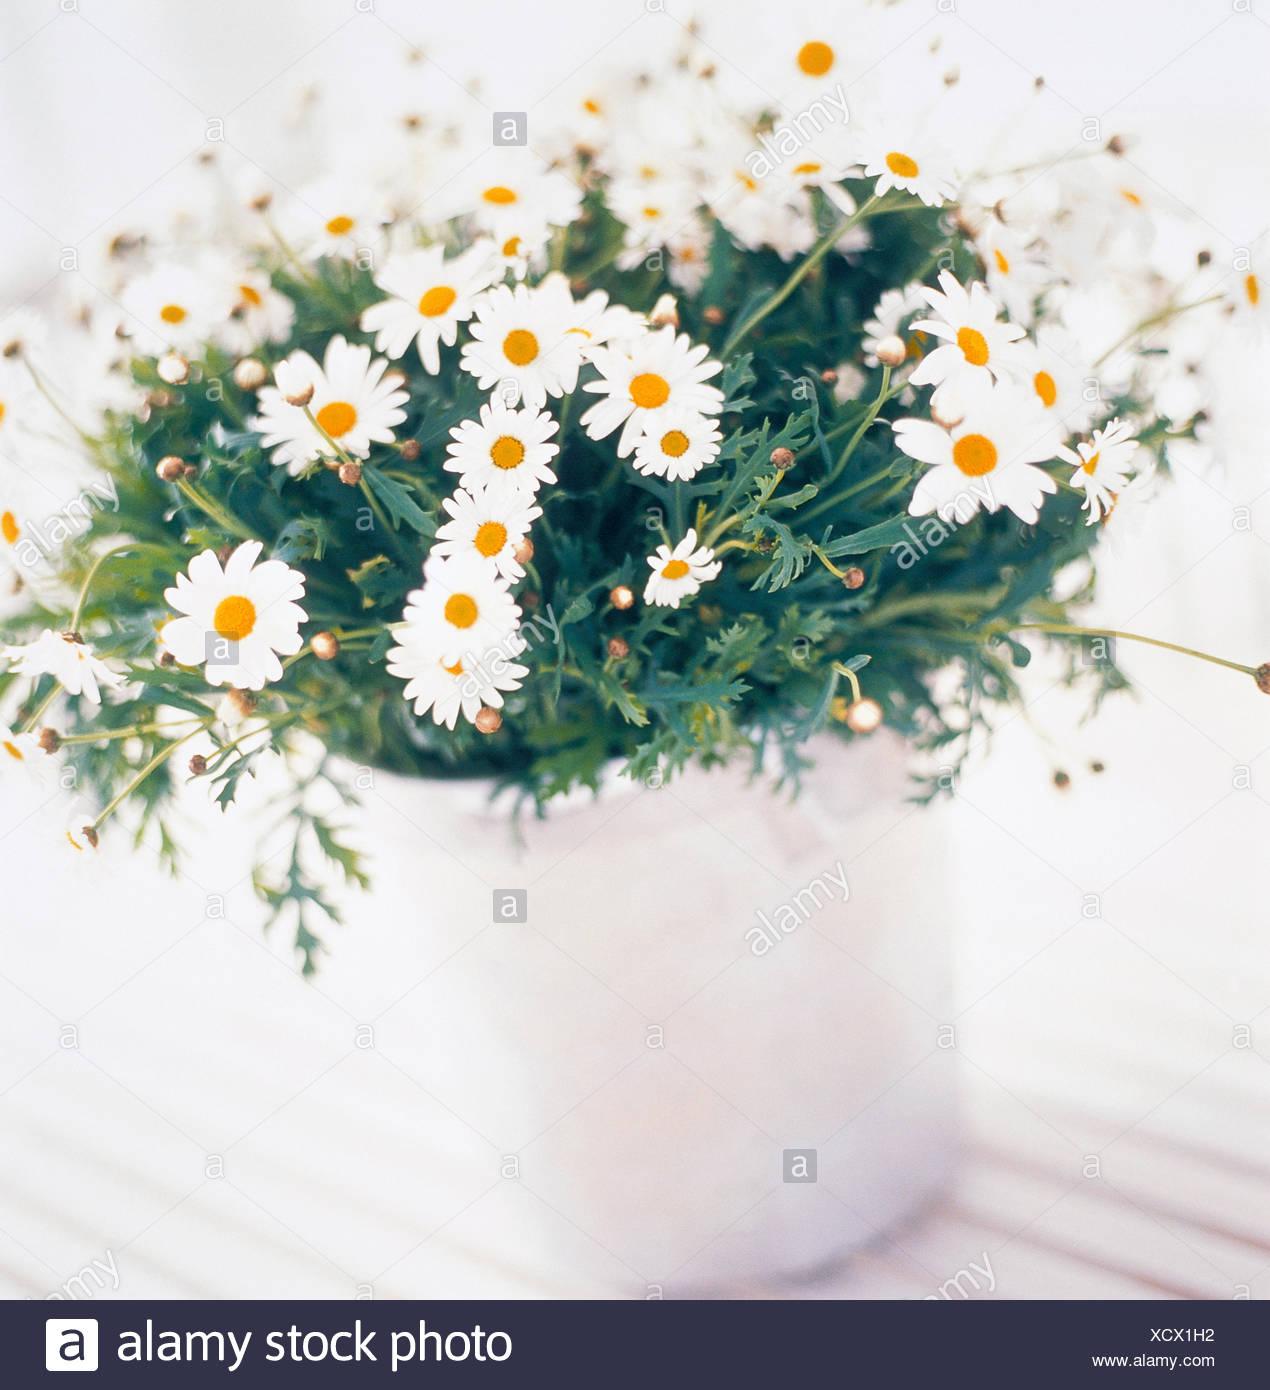 Catalogo Fiori.Catalogo 2 Close Up Colore Immagine Fiore Fiori Pot Margherita